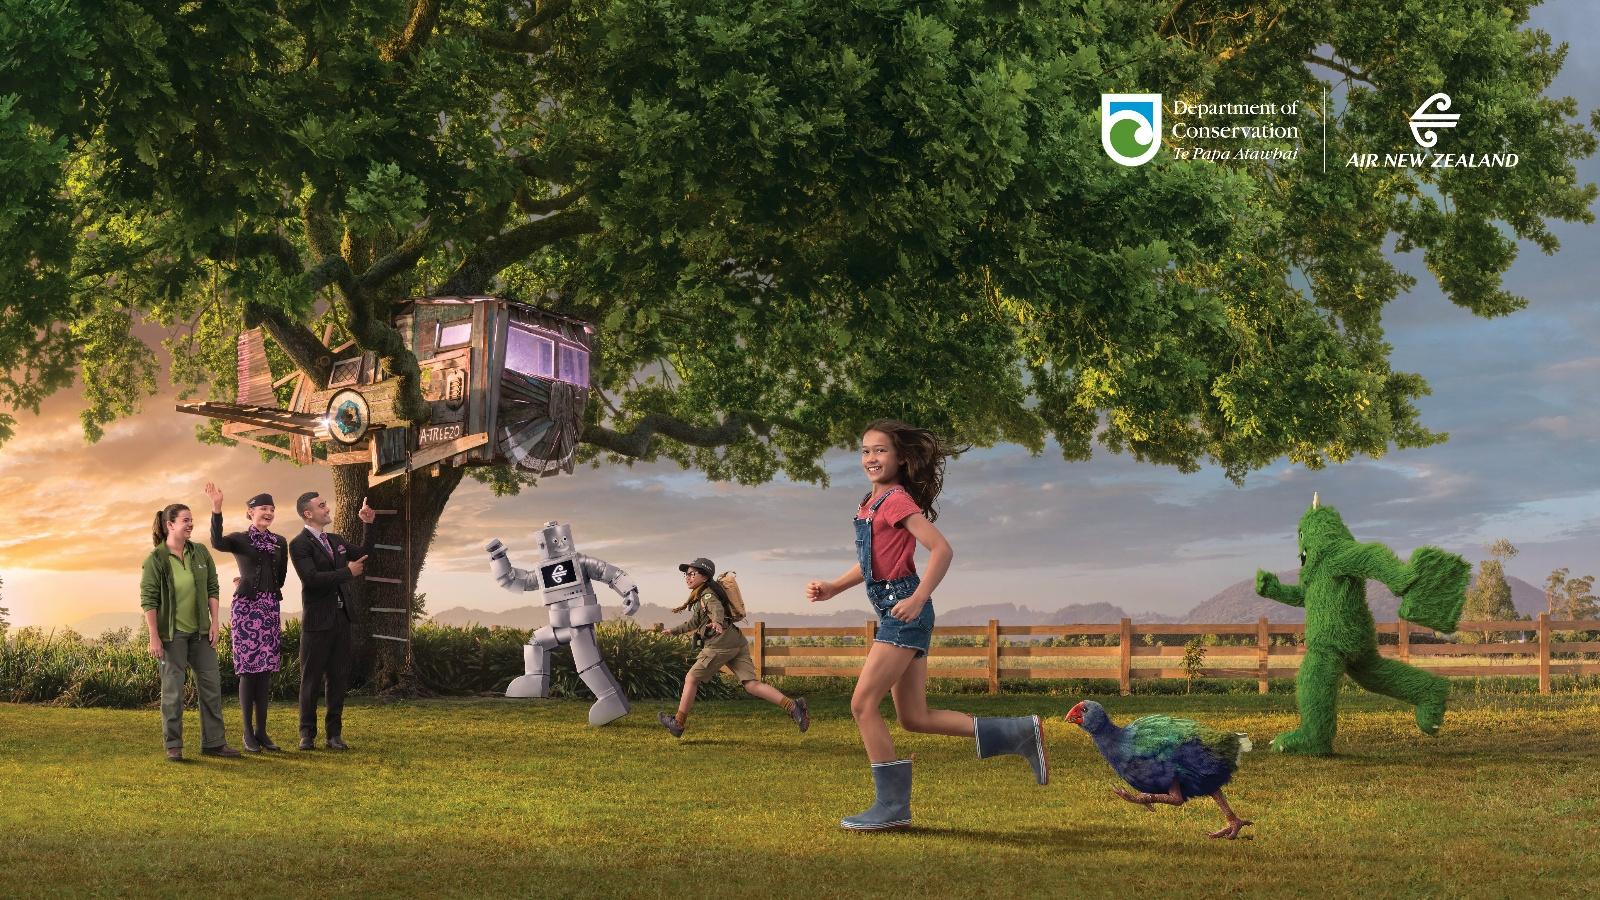 新西兰航空发布最新安全视频 护送南秧鸡安全回家